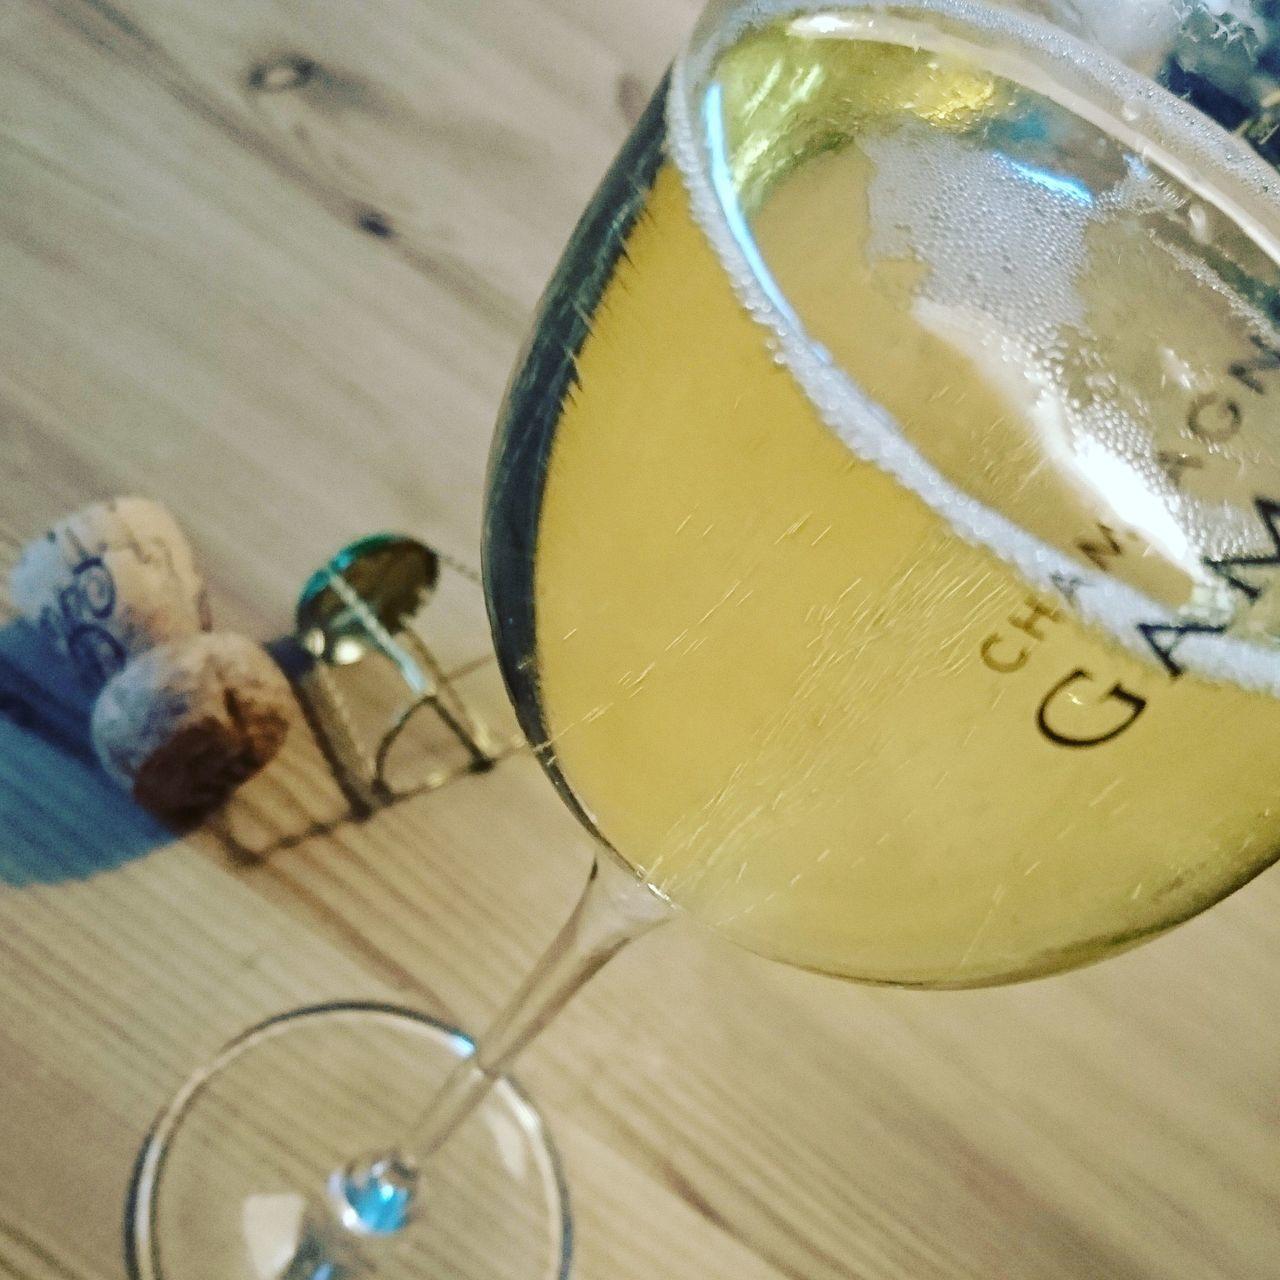 Enjoying bubbles Champagne Bubbles Temptation